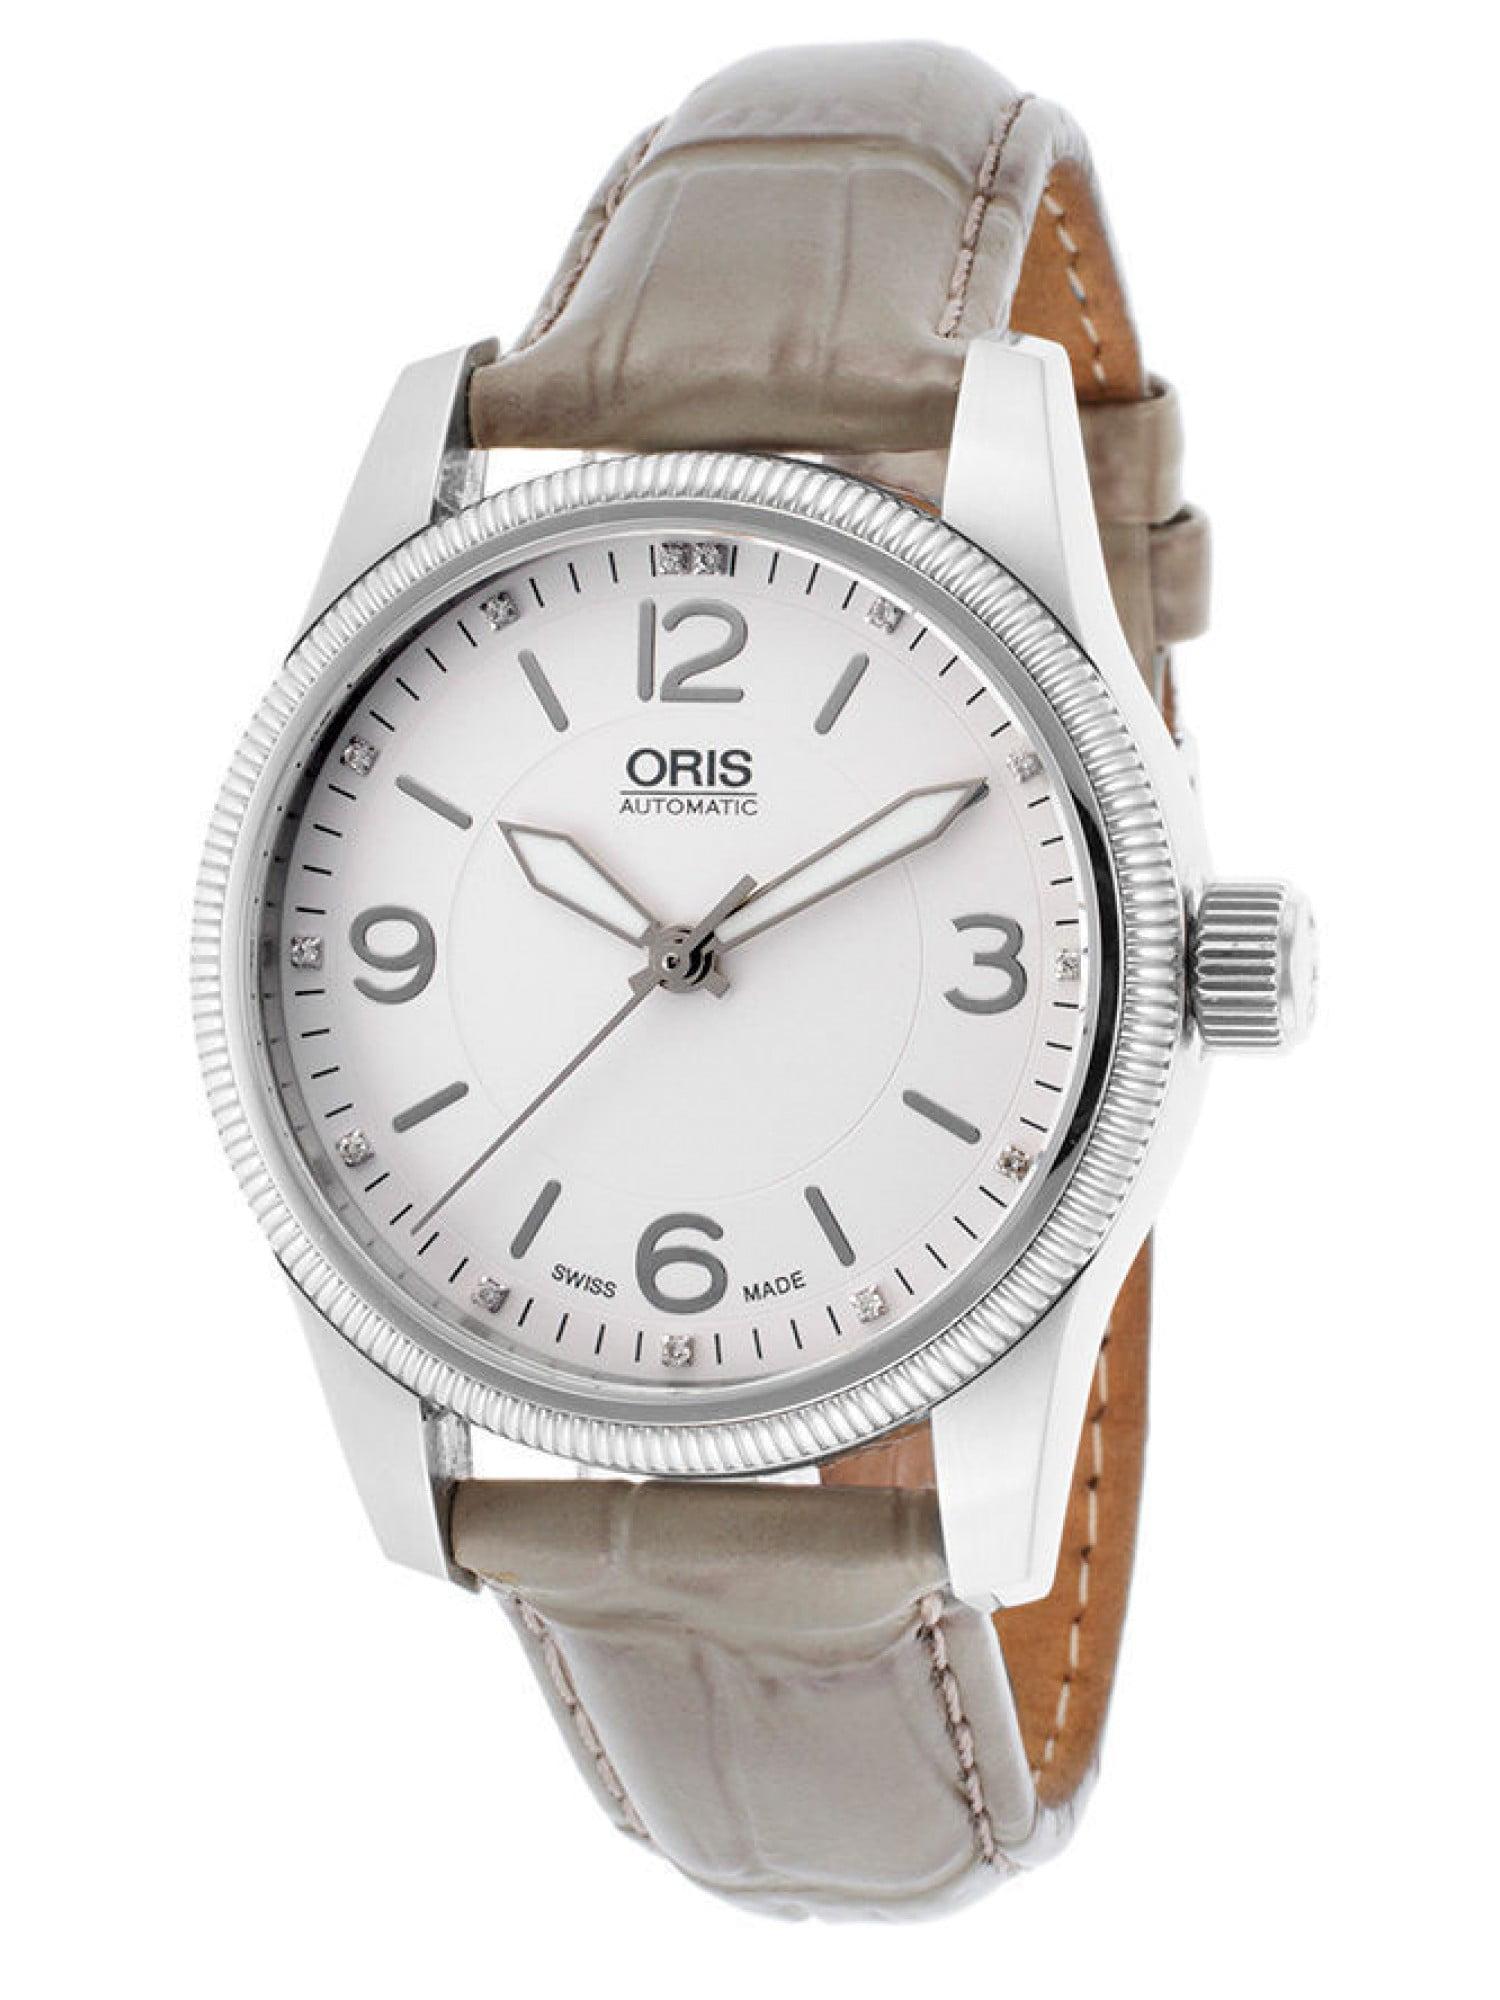 Oris Womens 733-7649-4031-LS 38mm Watch 391347814560-E